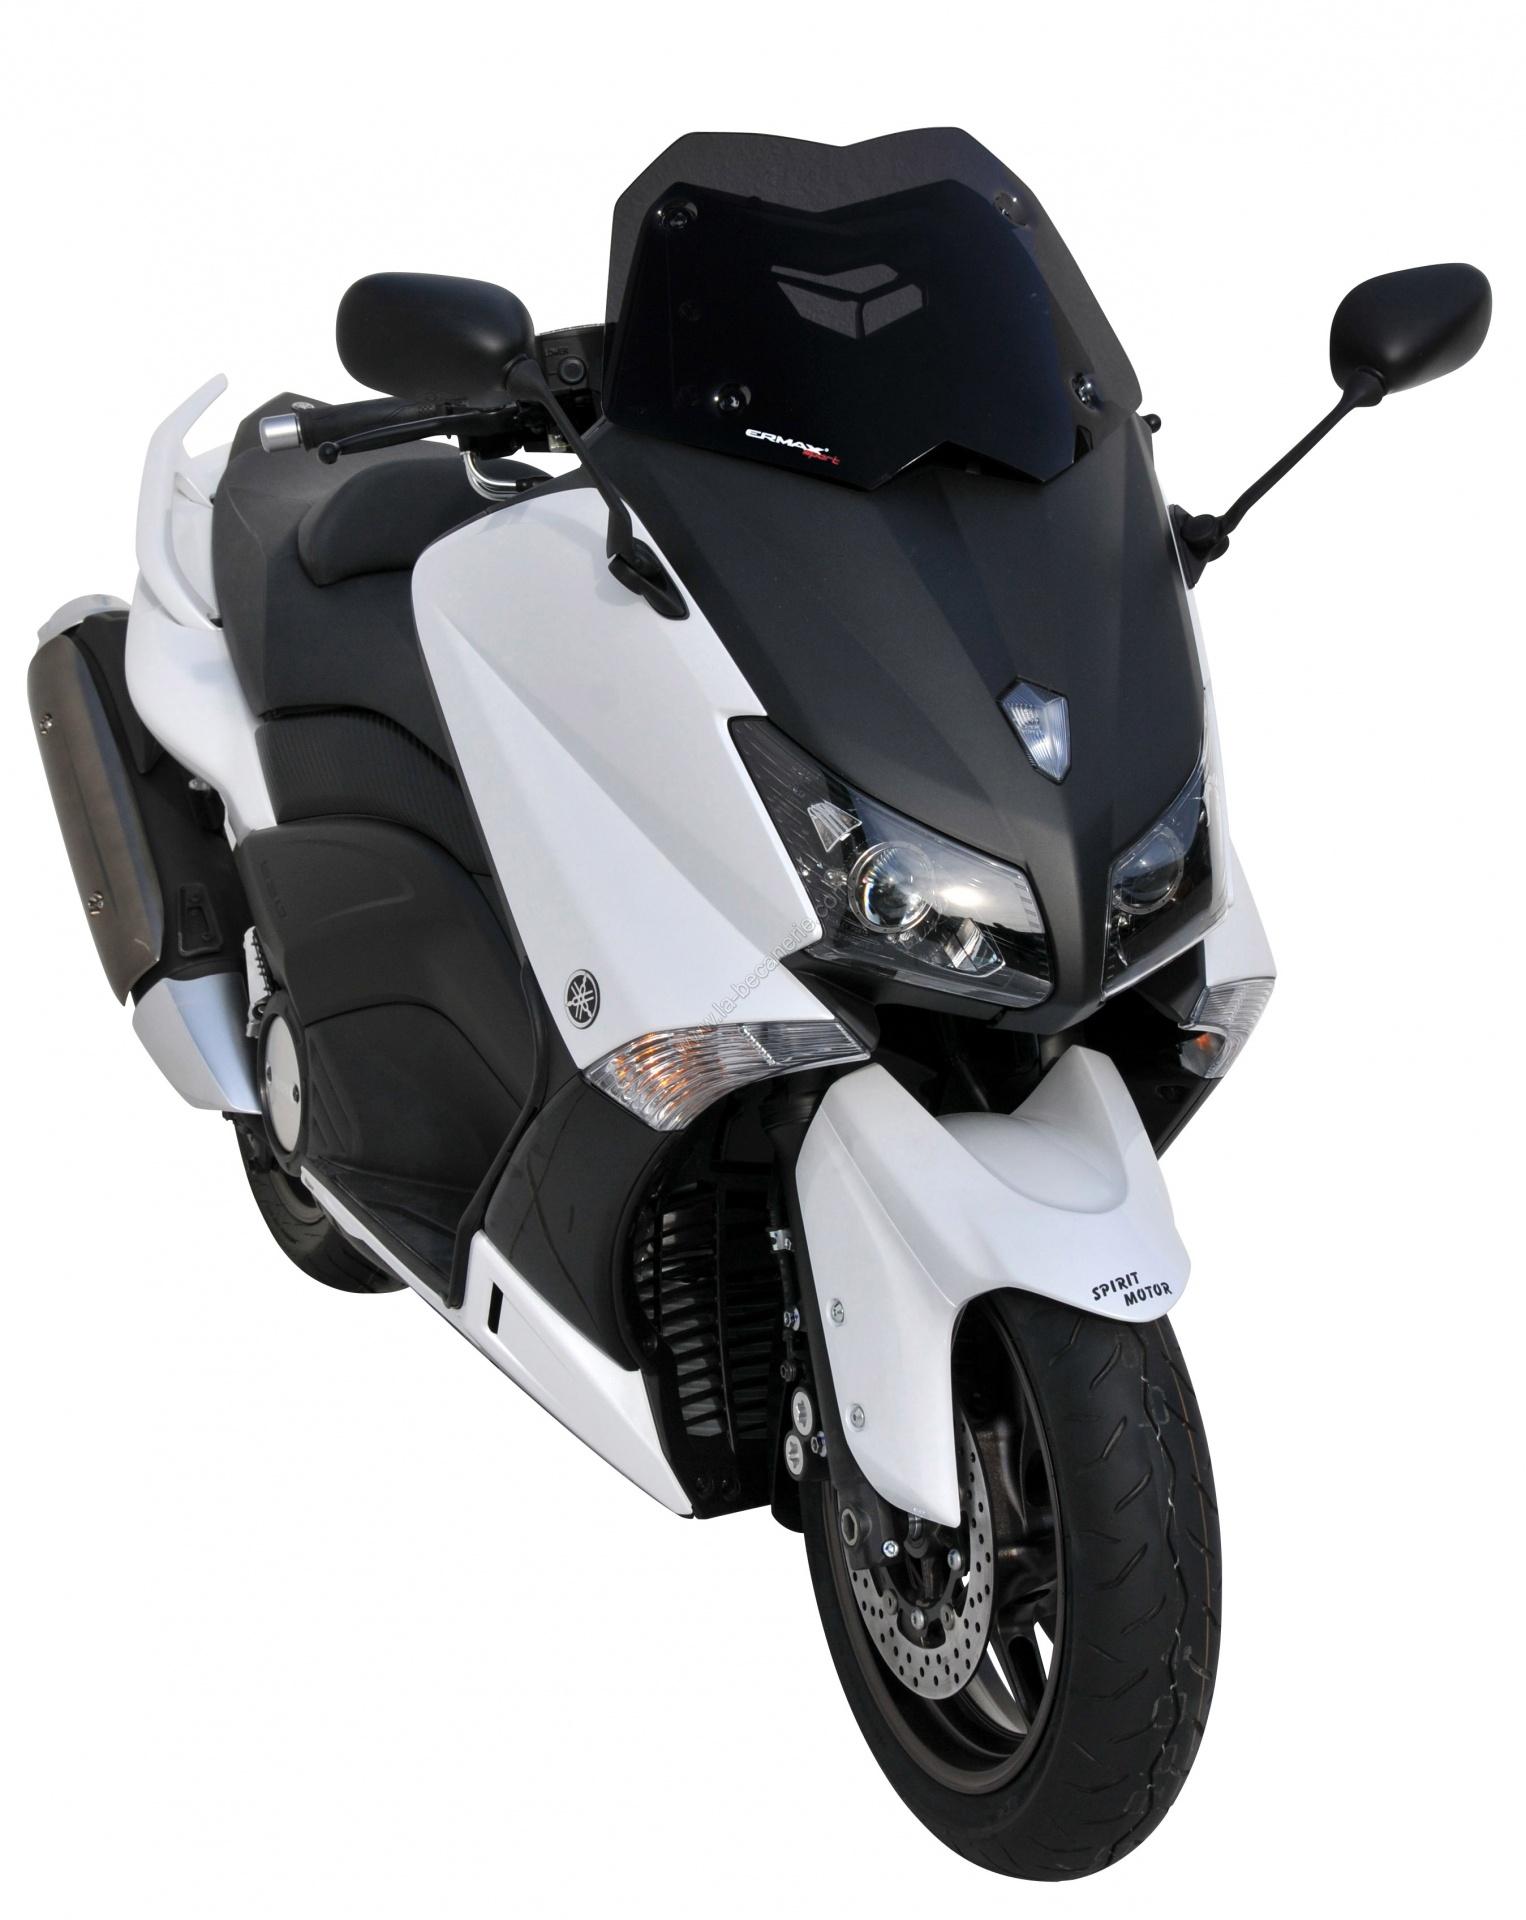 pare brise scooter ermax pour yamaha 530 t max 2012 noir fonc. Black Bedroom Furniture Sets. Home Design Ideas